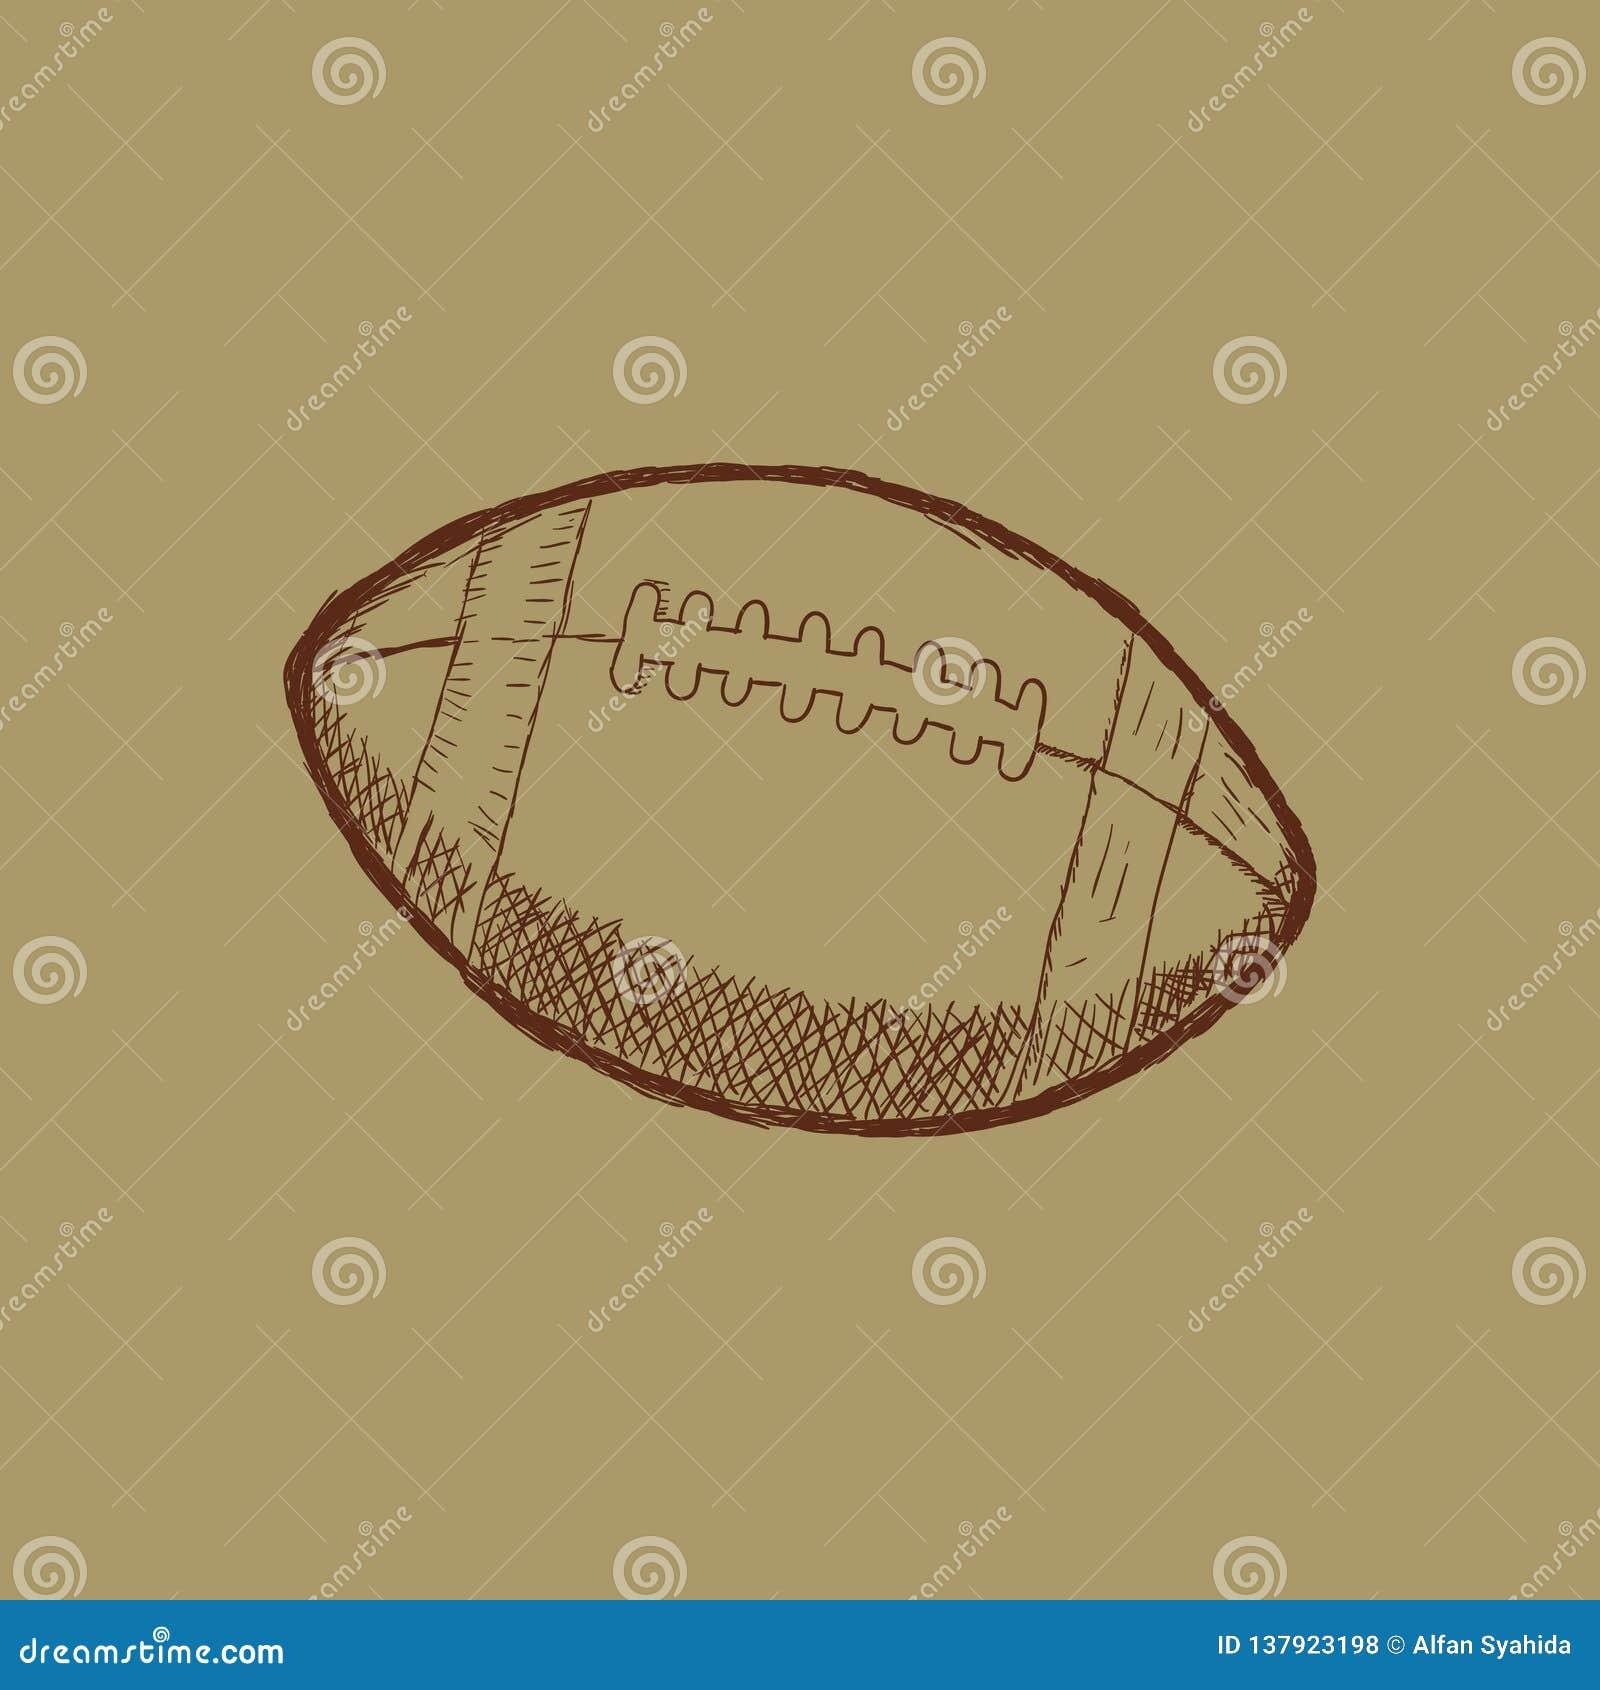 Doodle stylowy futbol amerykański bawi się ilustrację w formacie - wektor